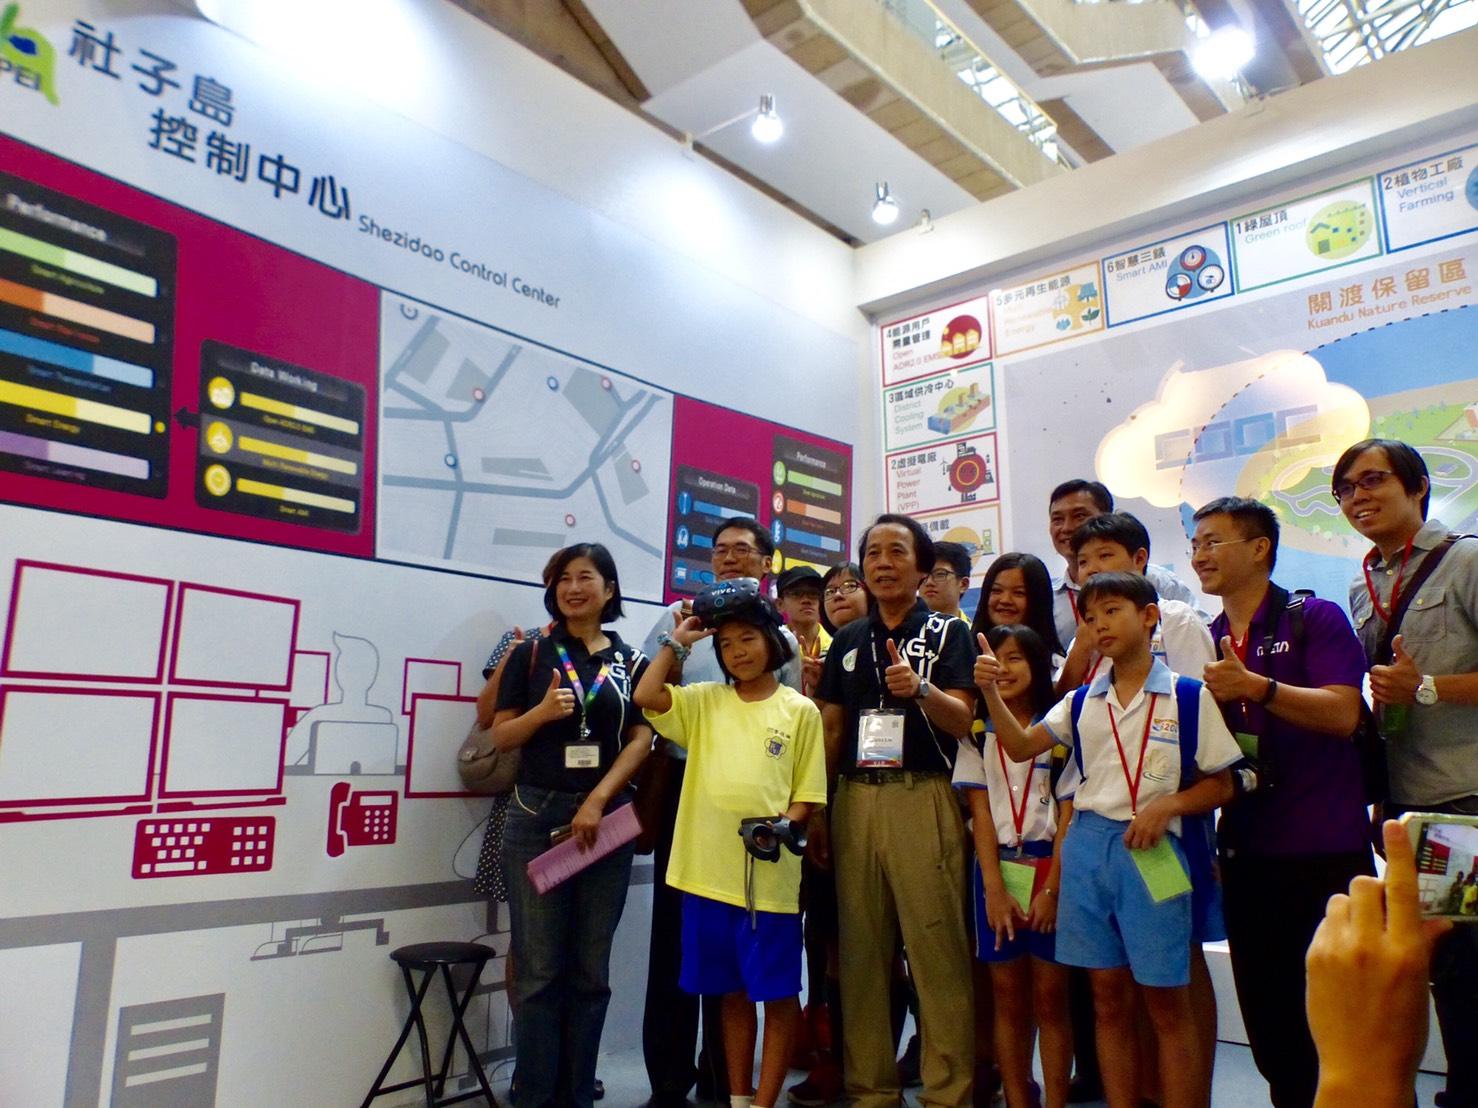 圖說:福安國中、富安國小師生,現場進行社子島智慧建設VR體驗